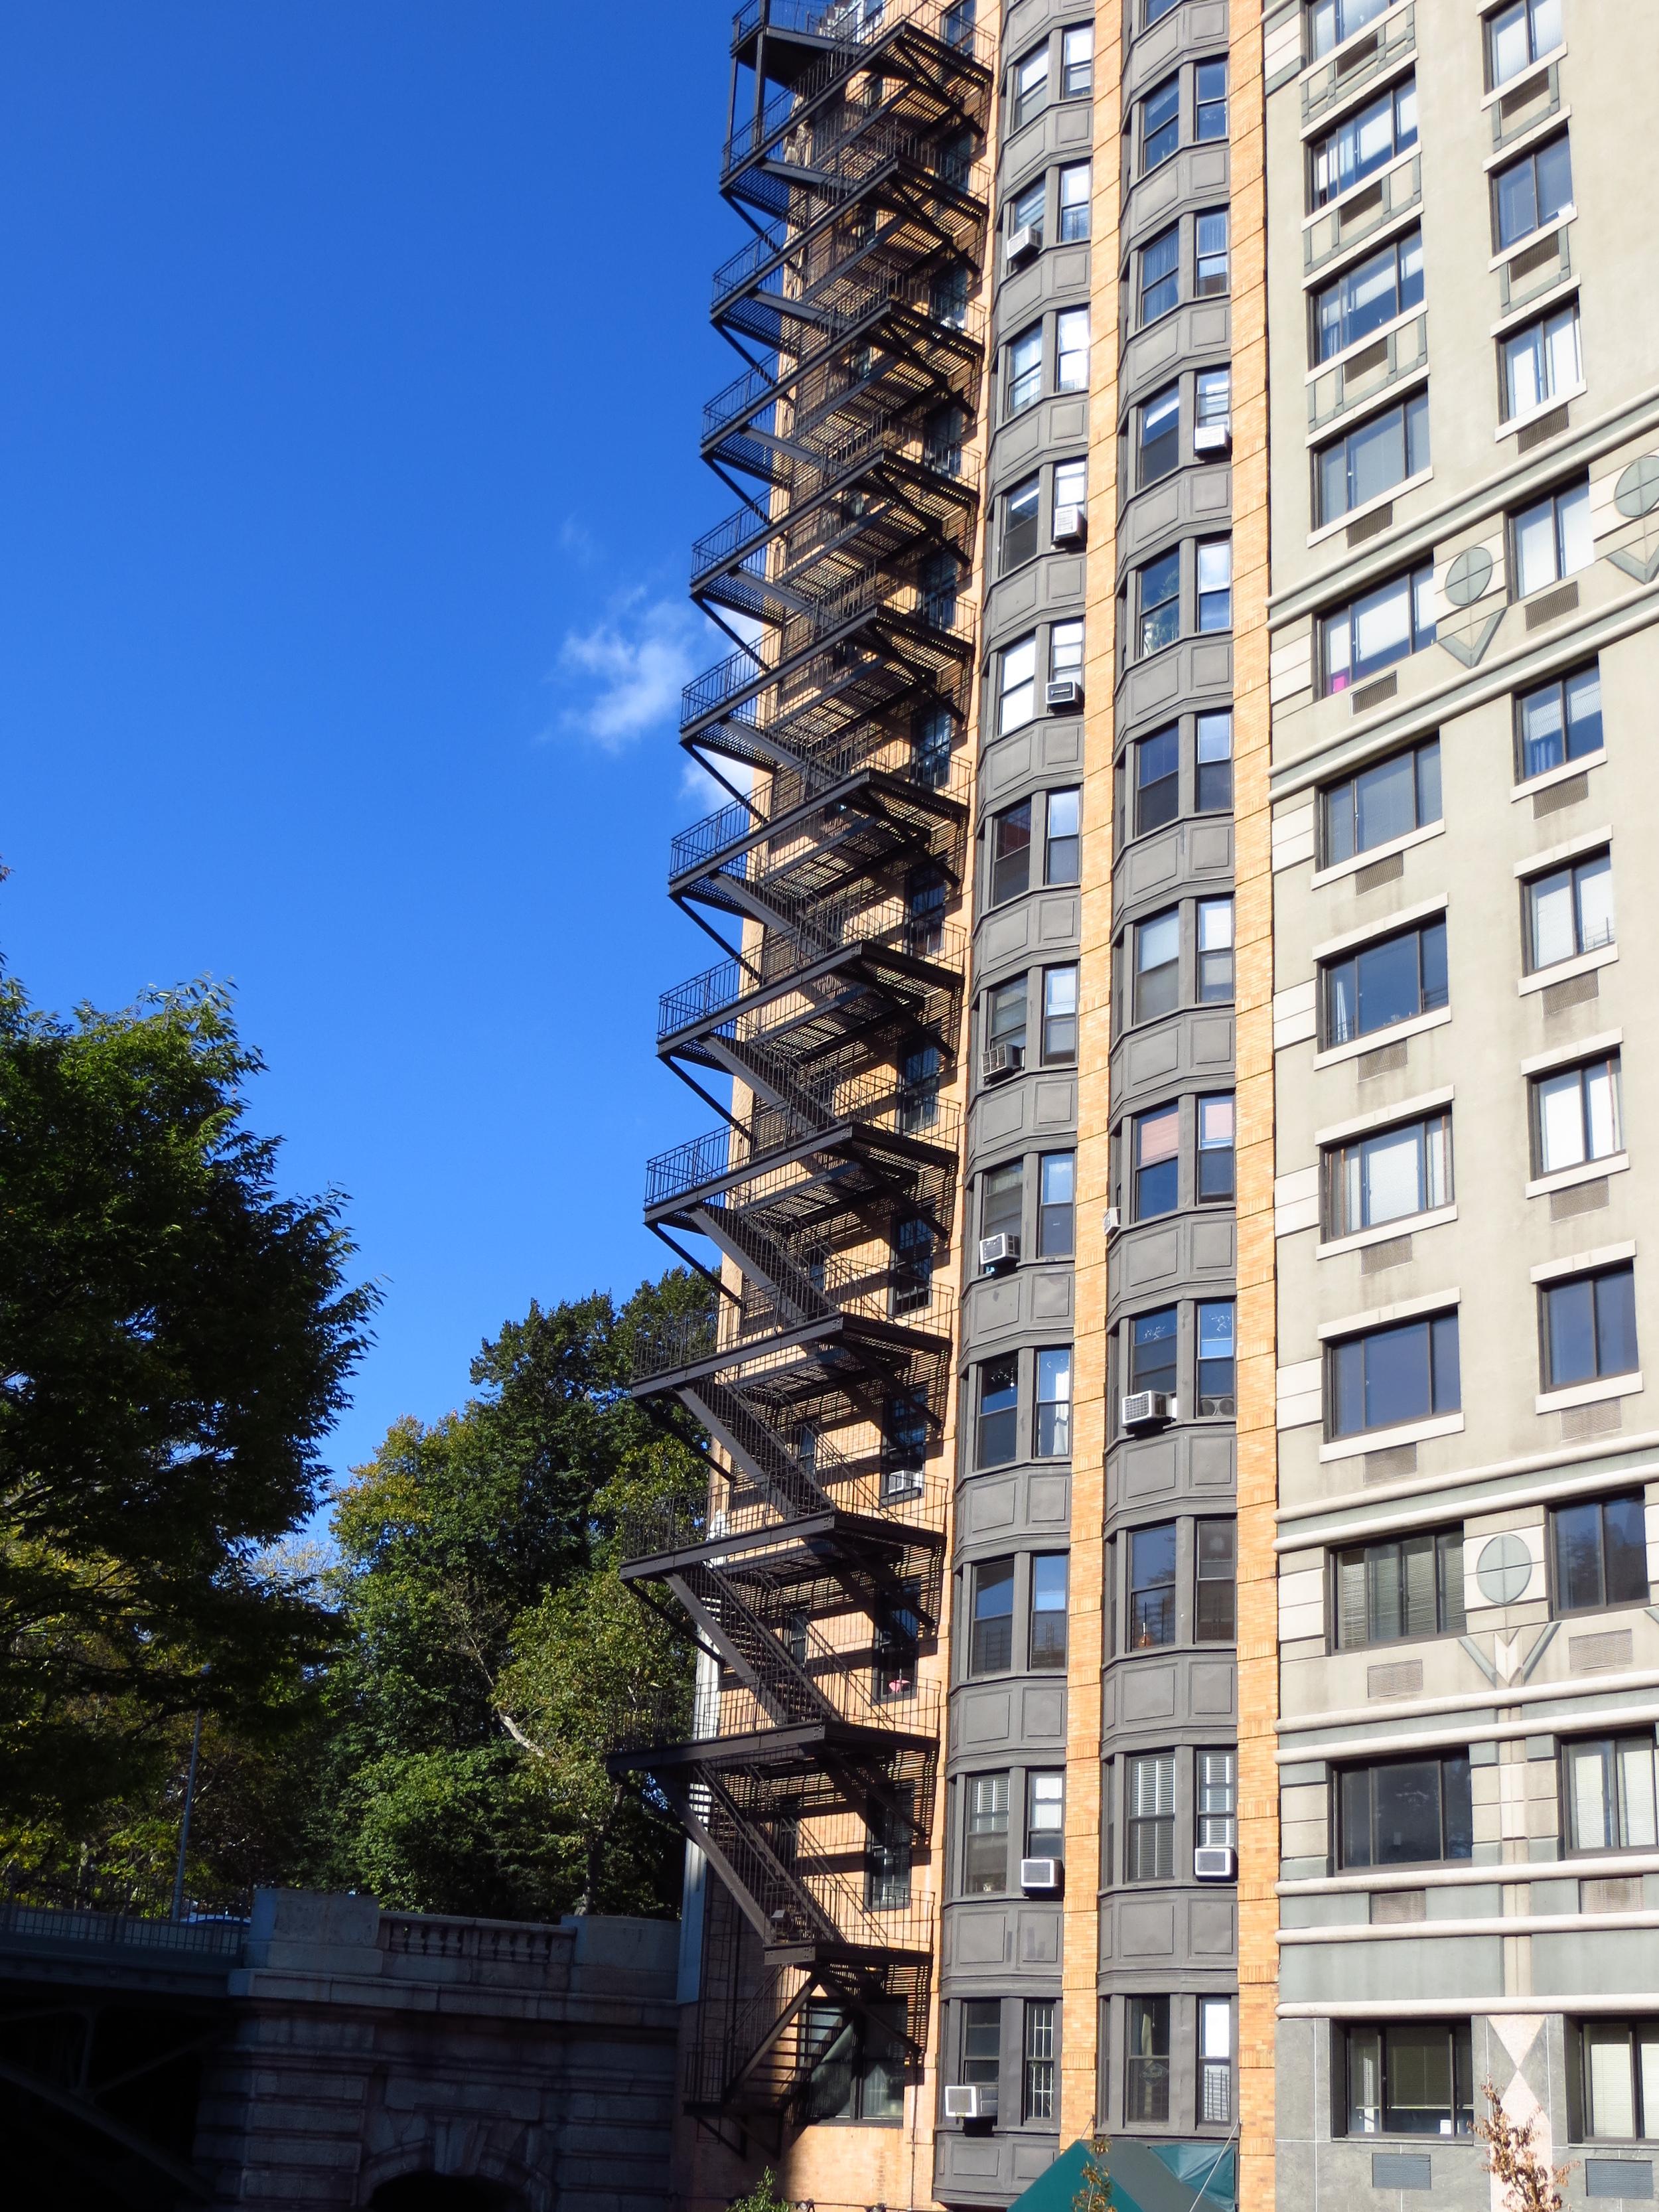 Tall fire escape